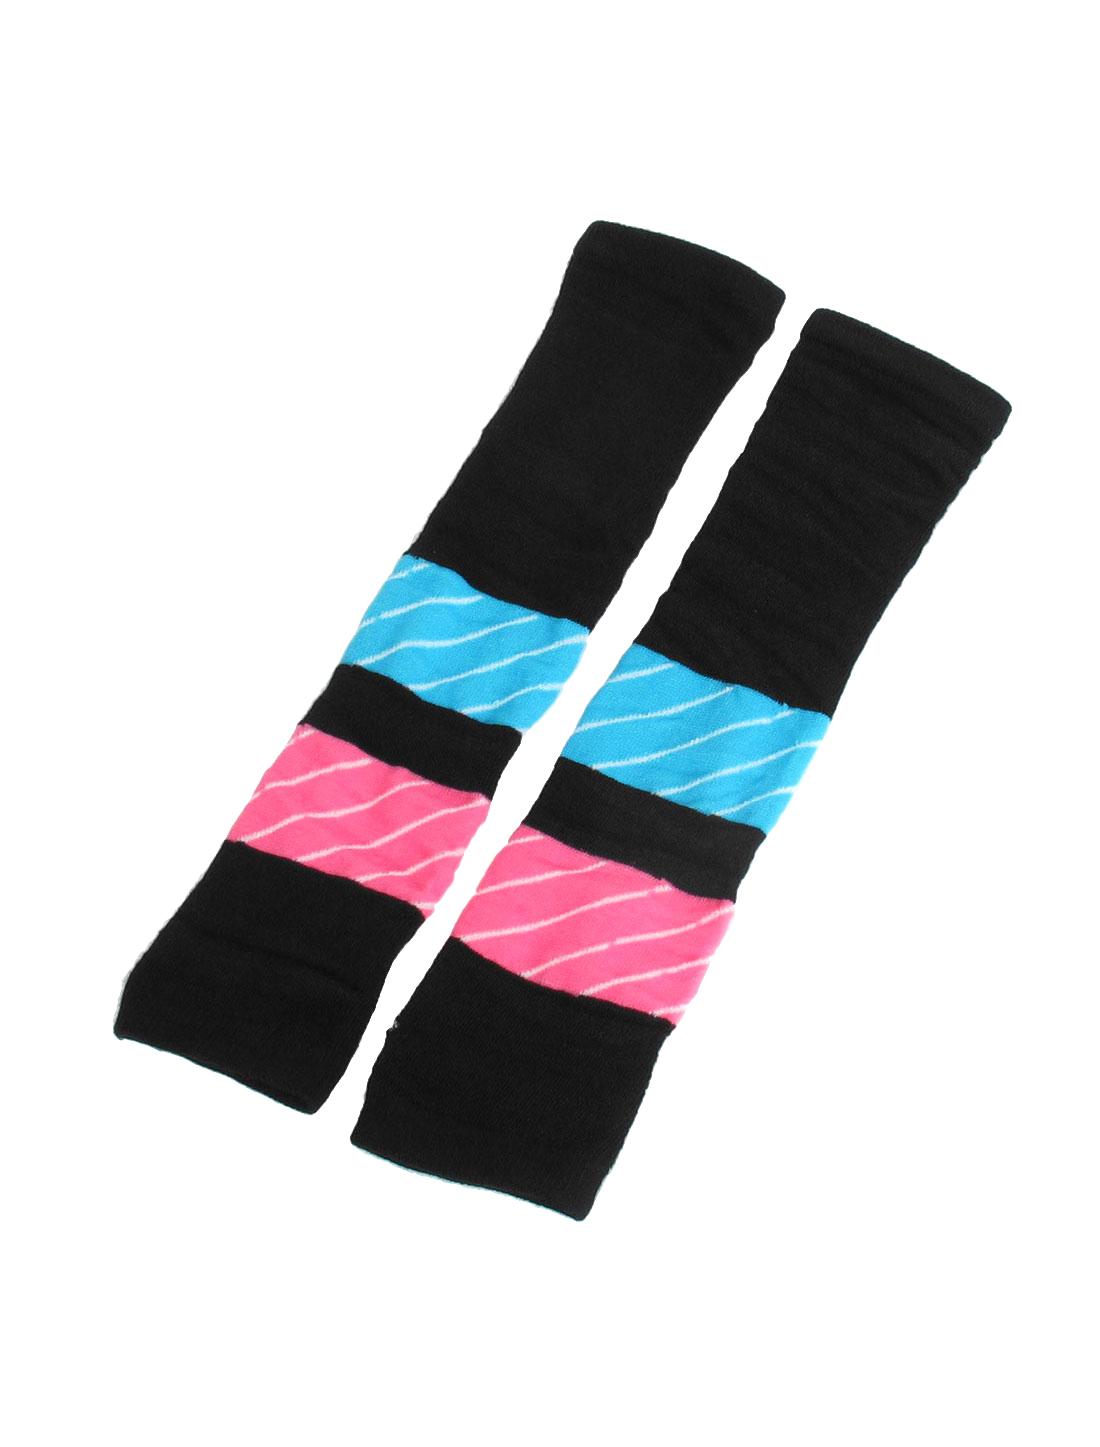 Ladies Black Blue Pink Elastic Fingerless Arm Warmers Long Gloves Pair